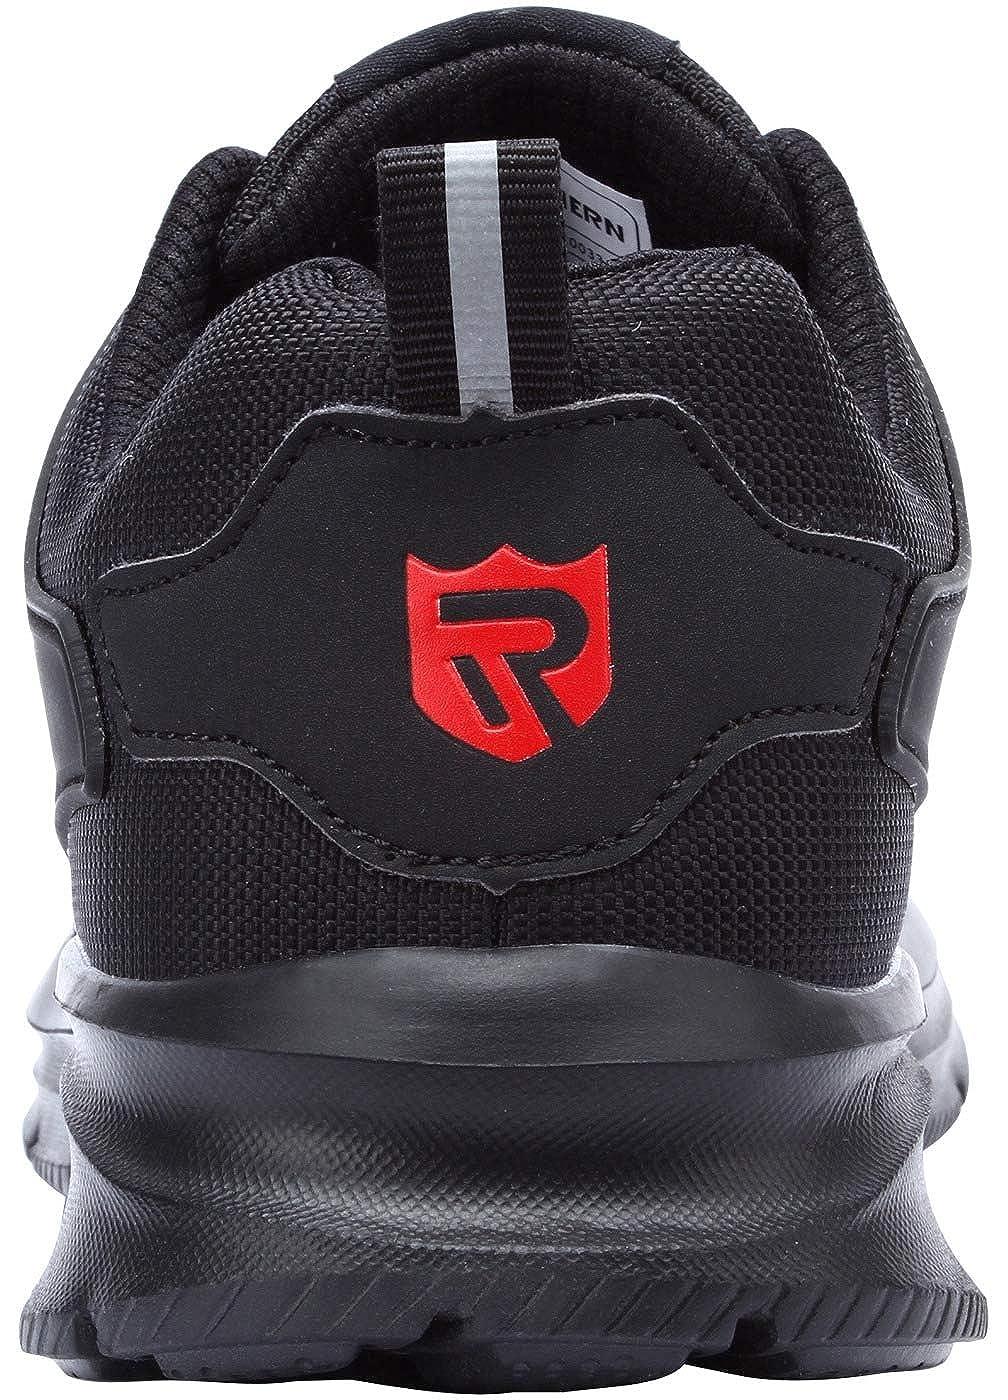 Black 42.5 EU Scarpe Antinfortunistica Uomo Donna Estive S3 Scarpe da Lavoro con Punta in Acciaio Sicurezza Scarpe Sportive Scarpe Antinfortunistiche Unisex LM-033